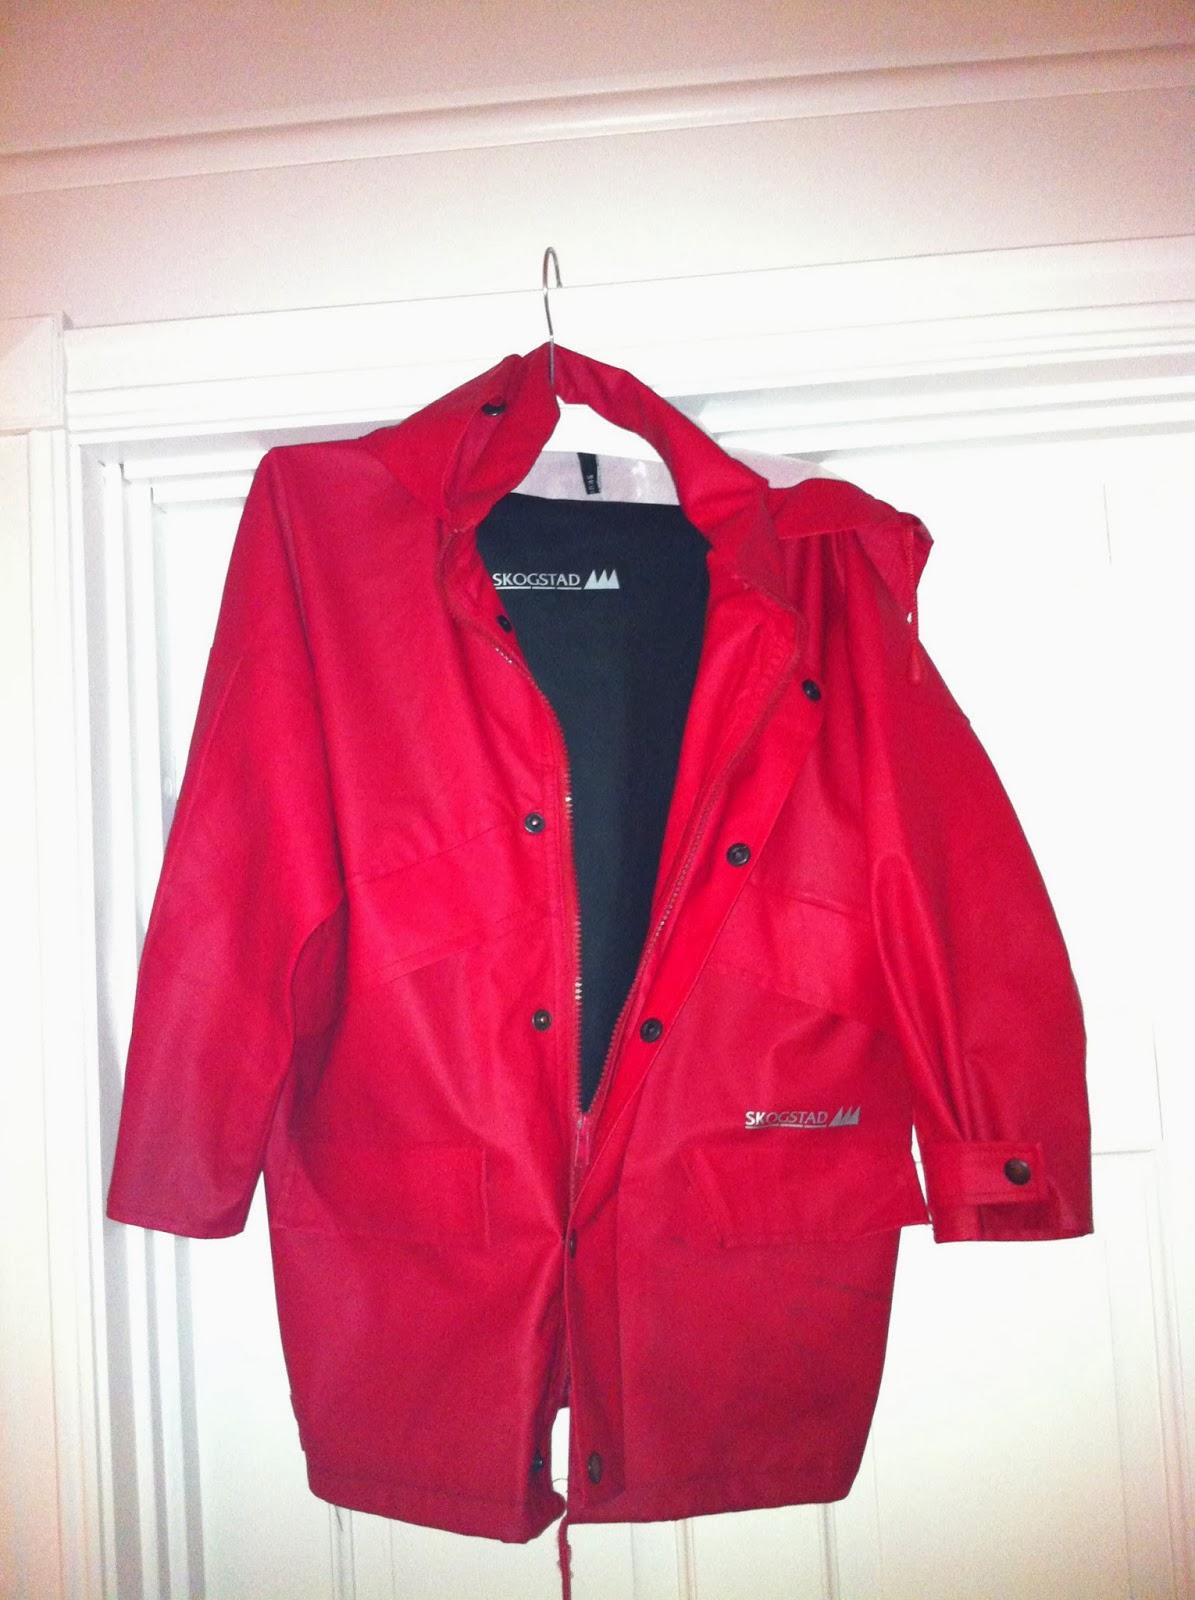 d83e8bf7 rød jakke og svart bukse. selges samlet kr 100